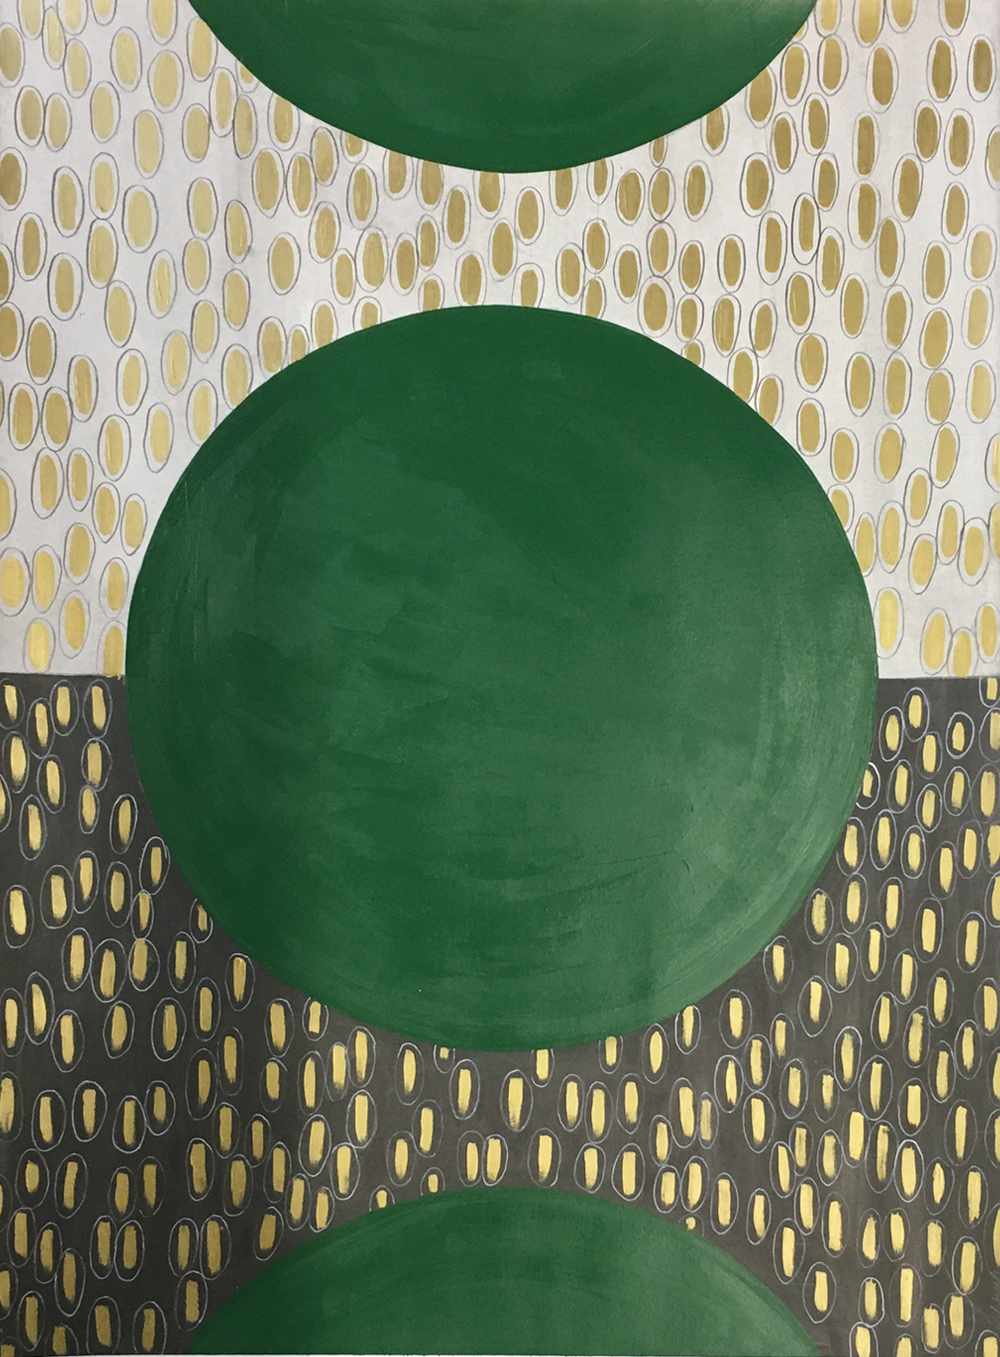 Kazaan Viveiros - Emerald Slate - 22x30.png